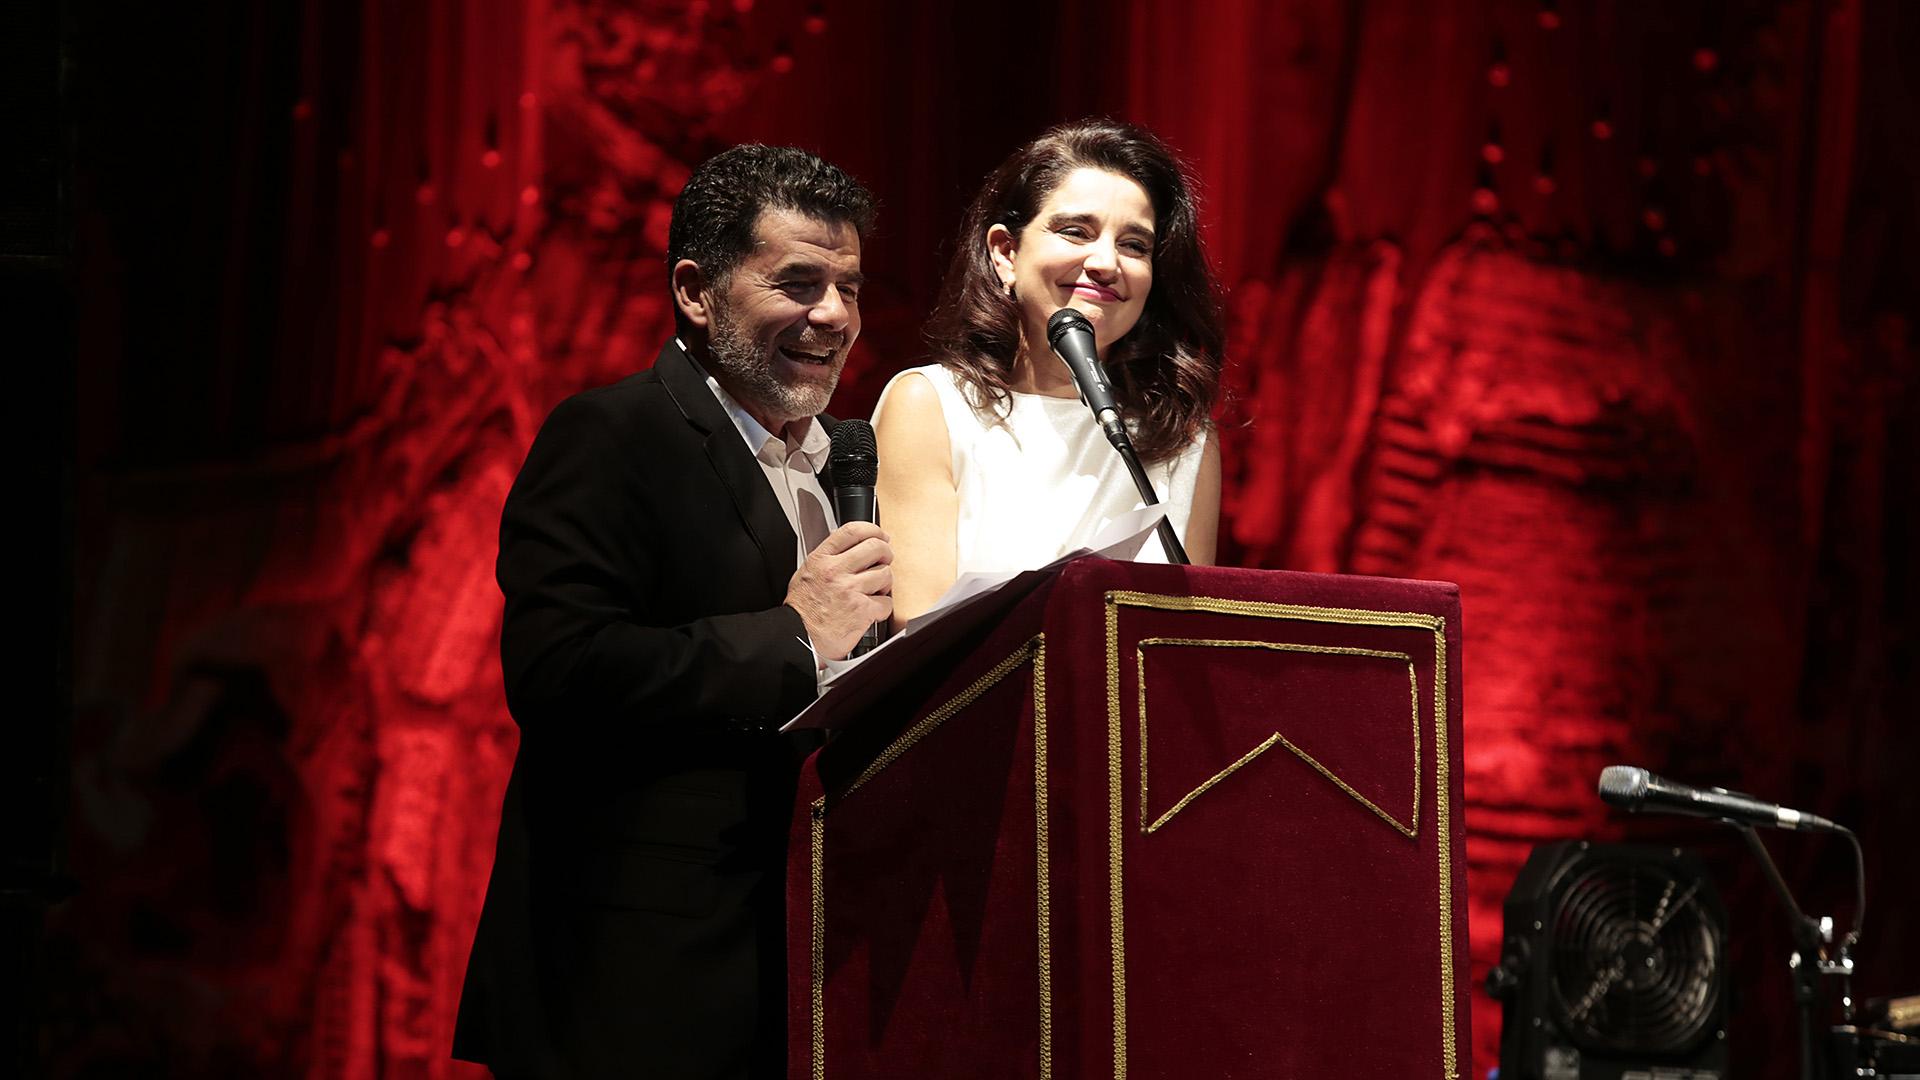 Julián Weich y Verónica Varano a cargo de la conducción de la gala